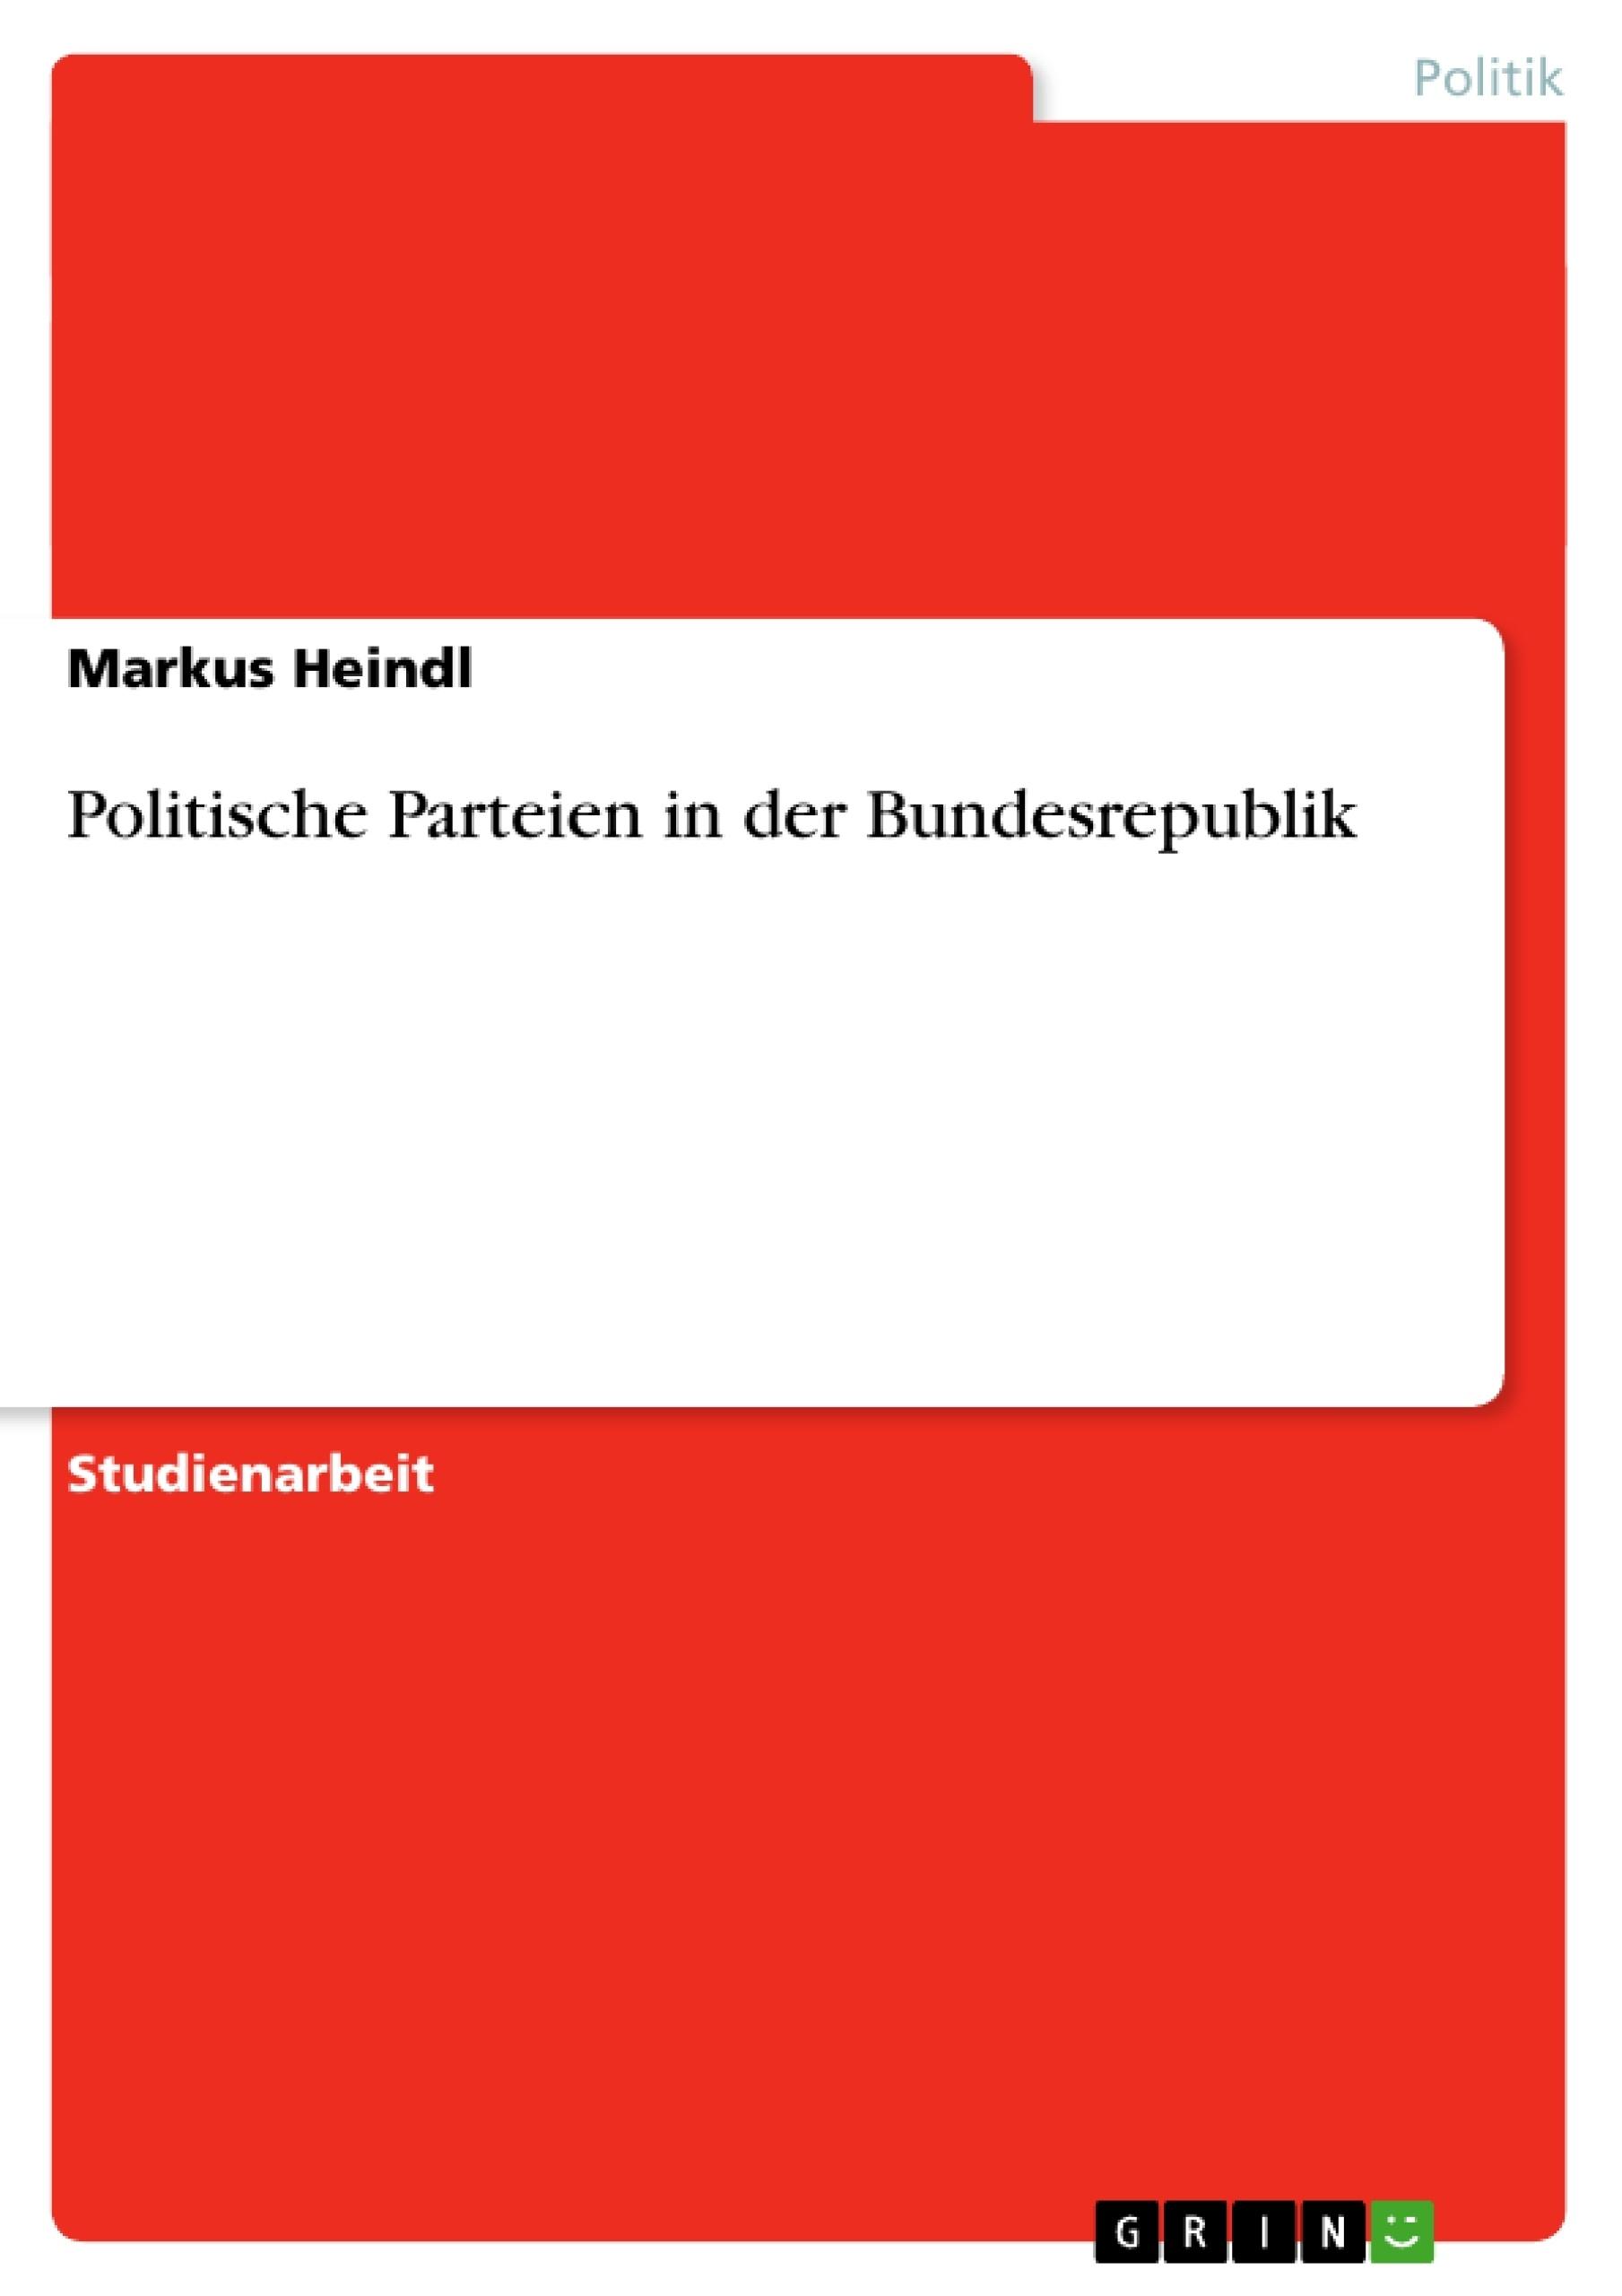 Titel: Politische Parteien in der Bundesrepublik